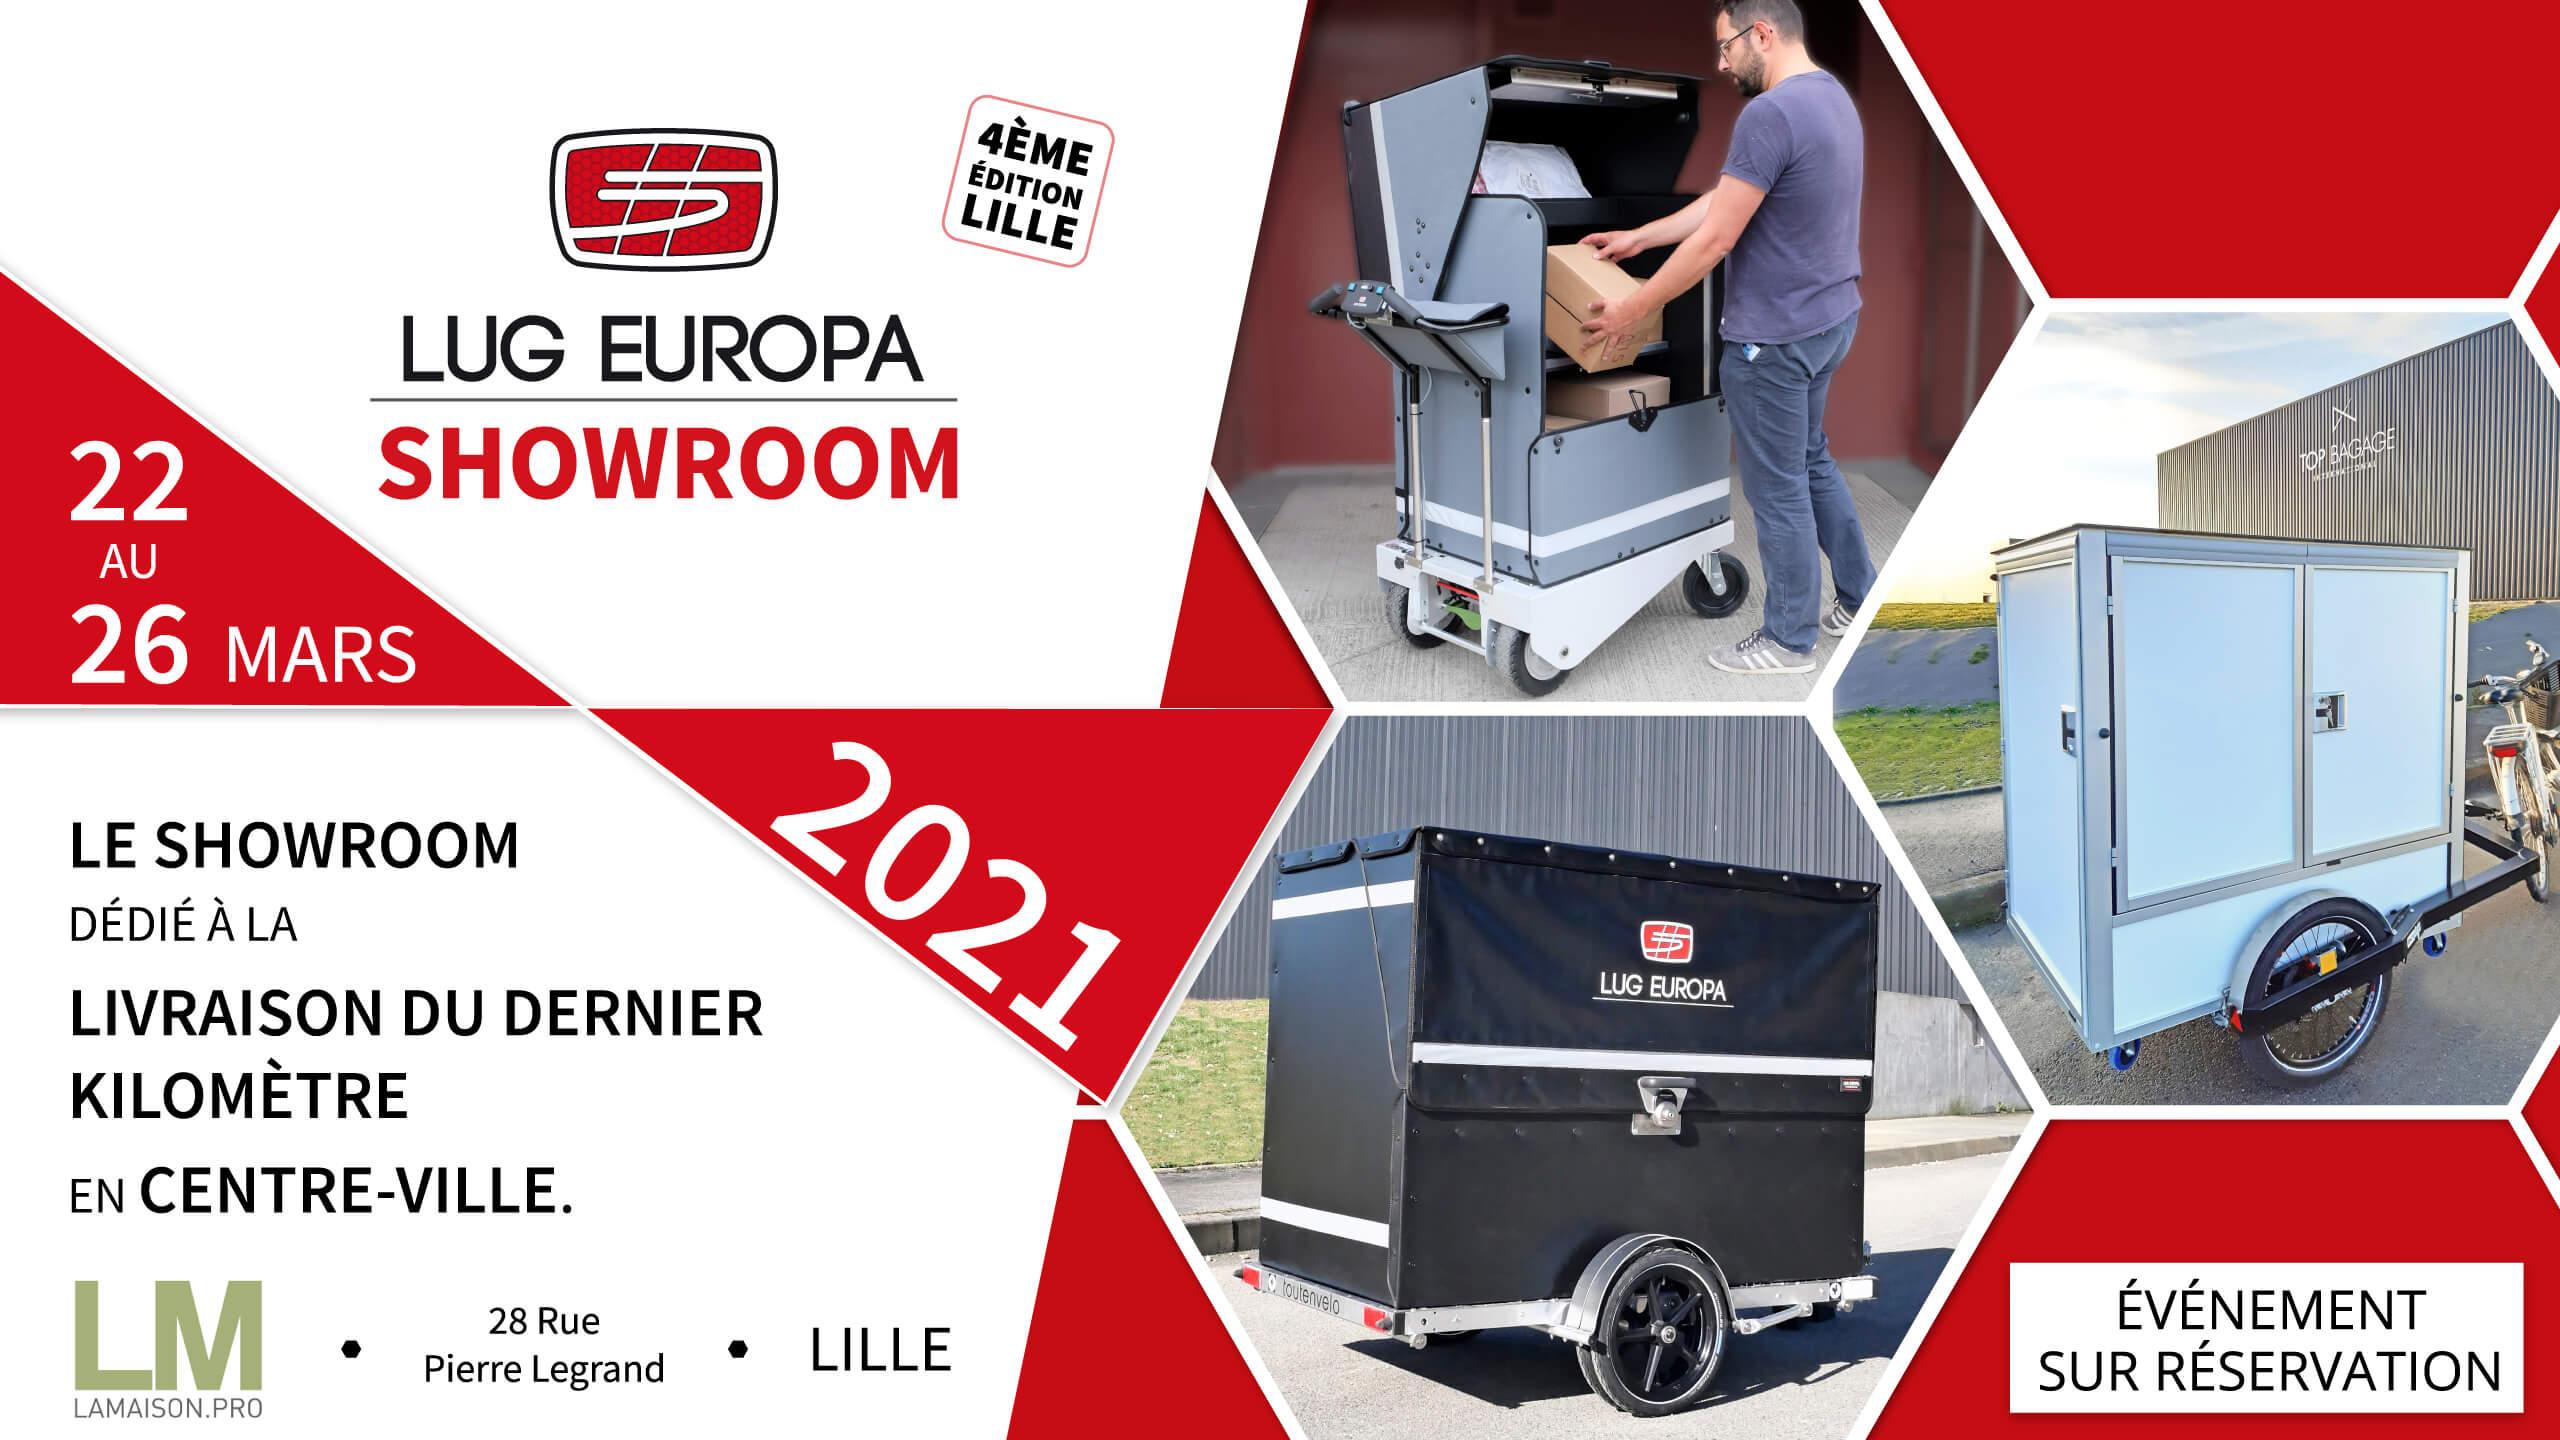 SHowroom LUG EUROPA à Lille du 22 au 25 Mars